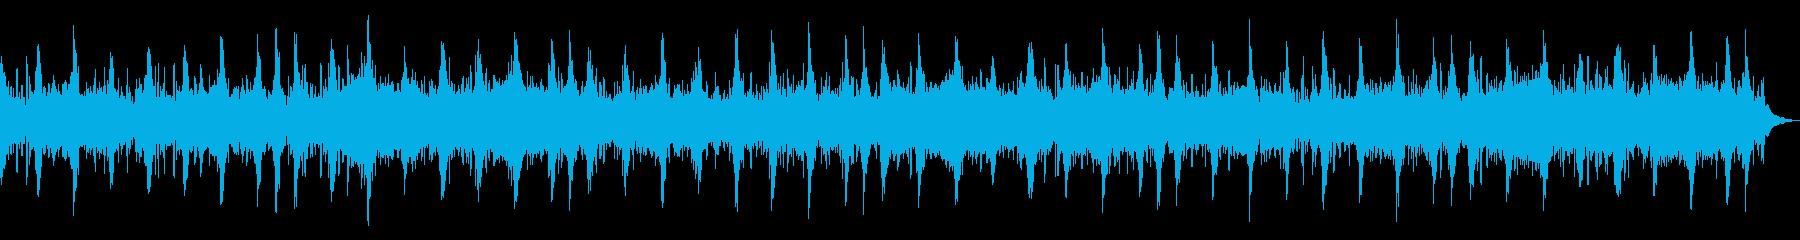 生命自然感動宇宙アンビエントヒーリングaの再生済みの波形